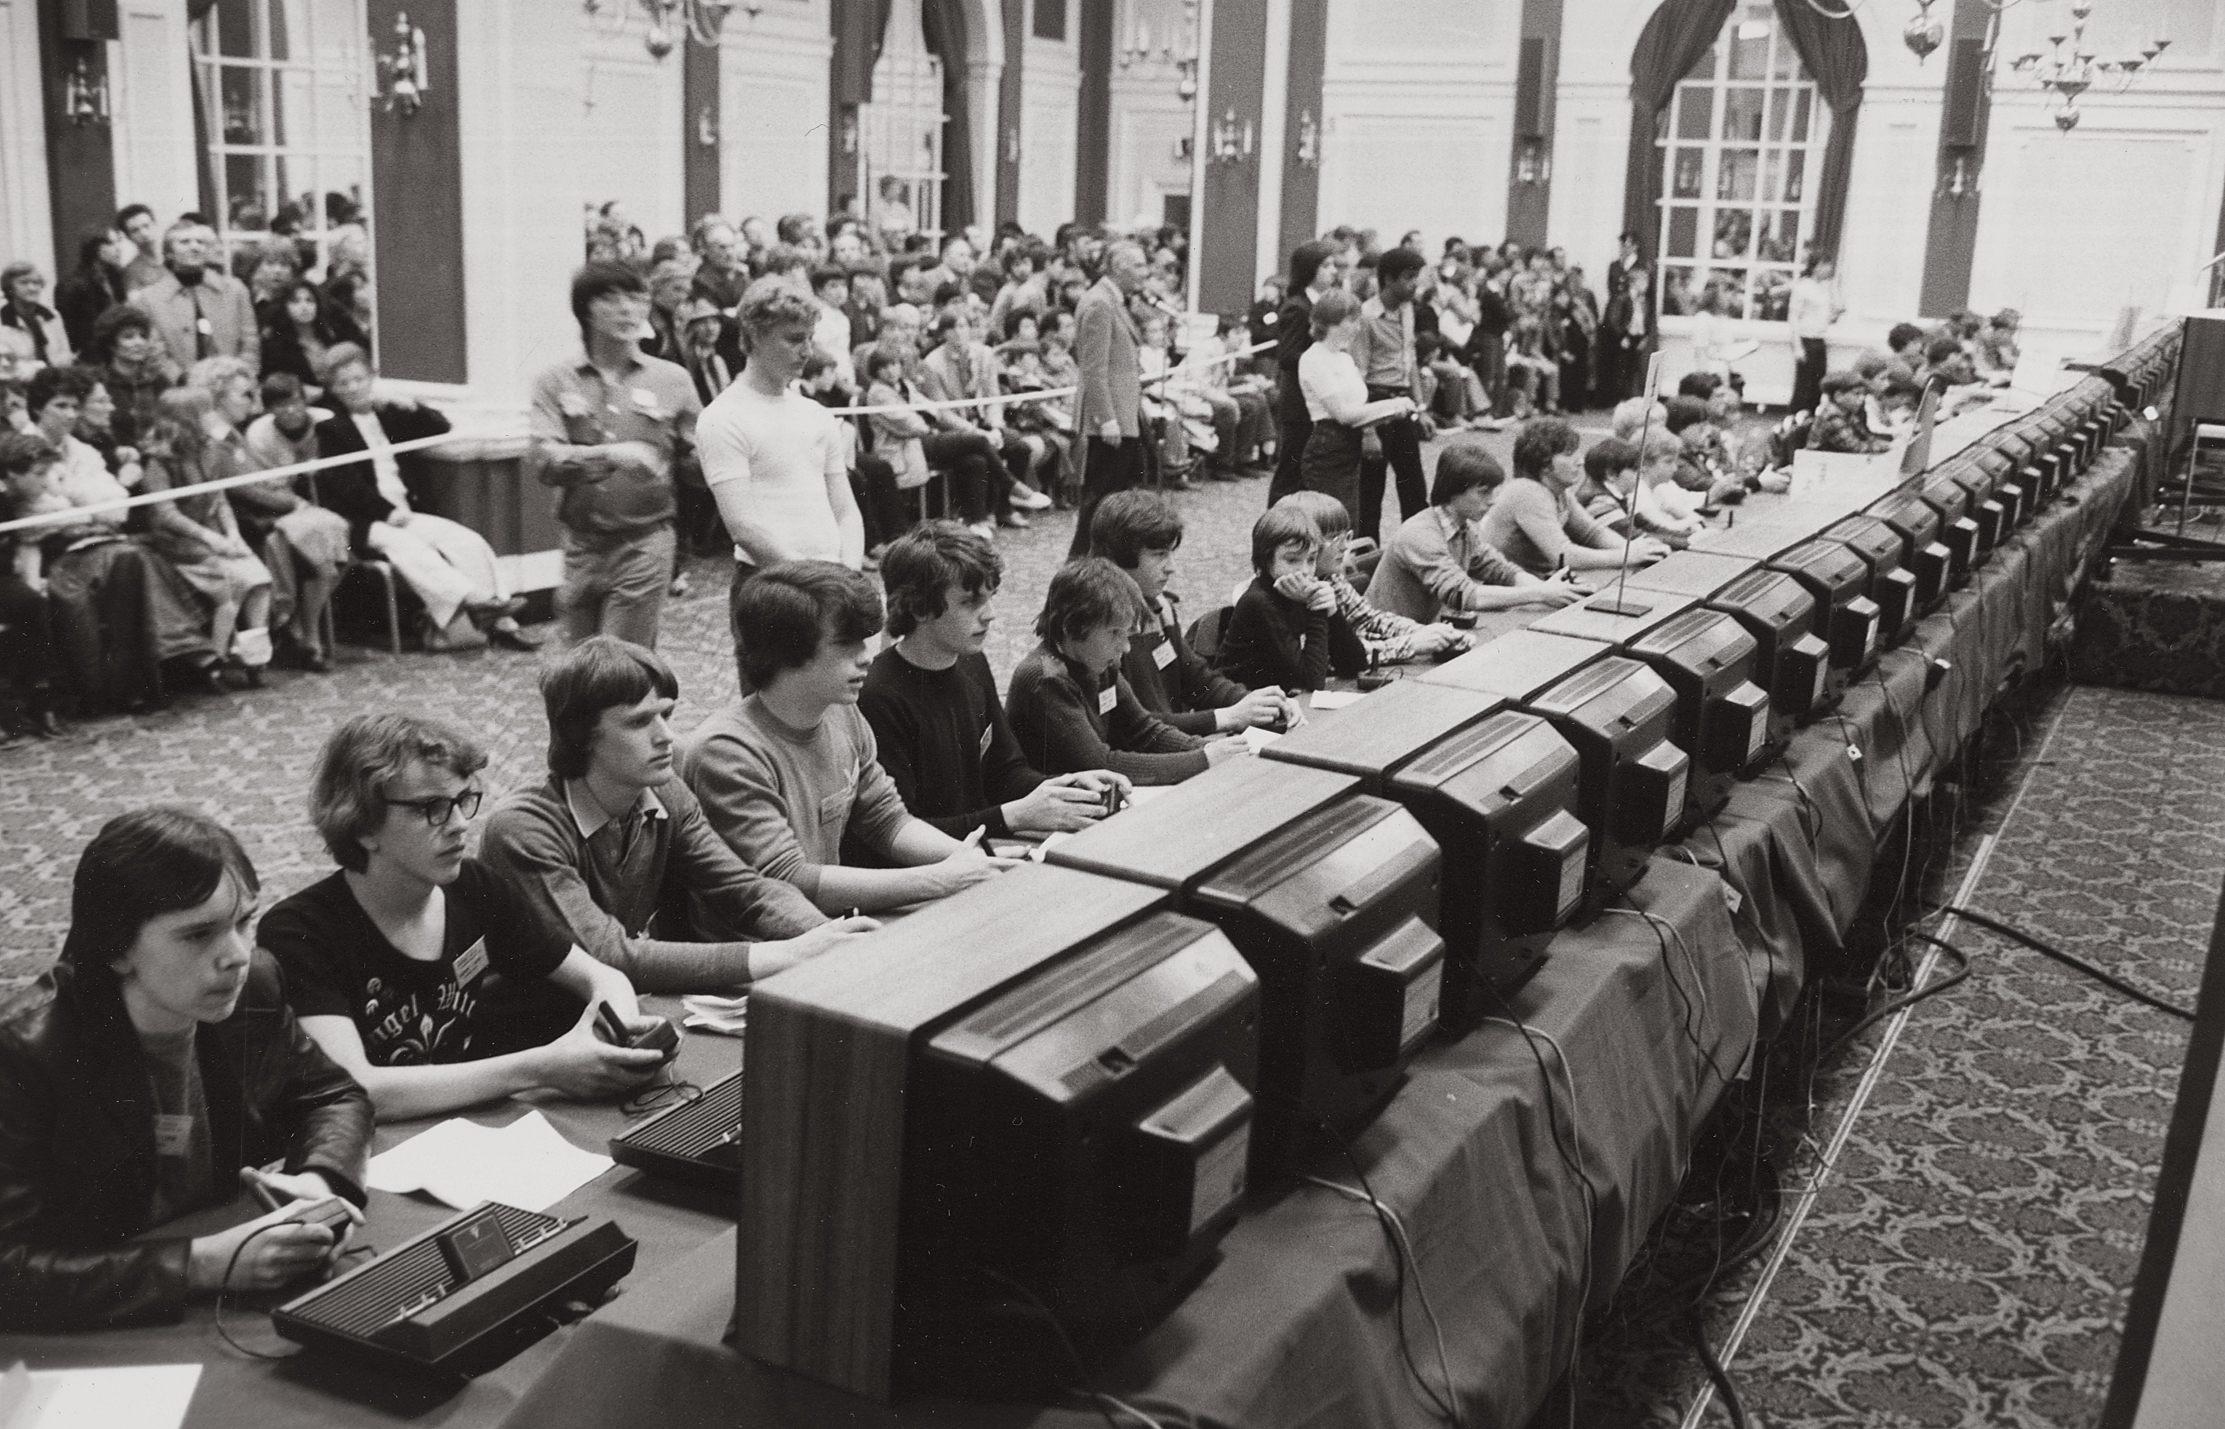 Campionato Nazionale di Space Invaders, 1981